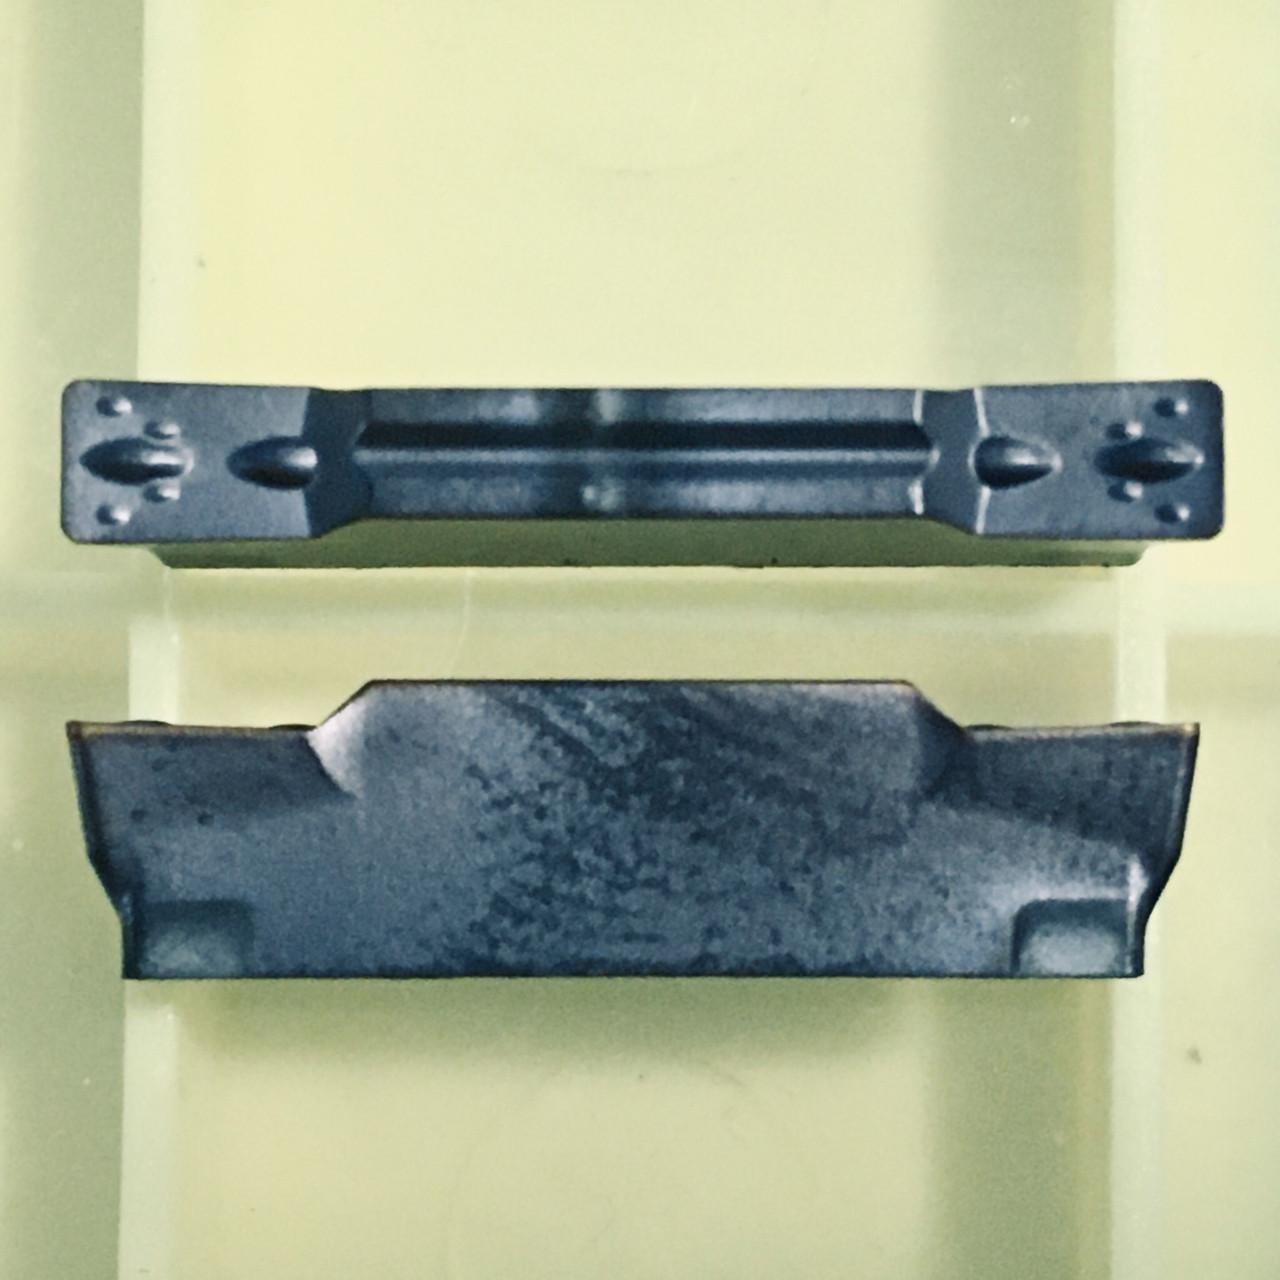 MGMN400-M LF6018 Твердосплавная пластина для токарного резца